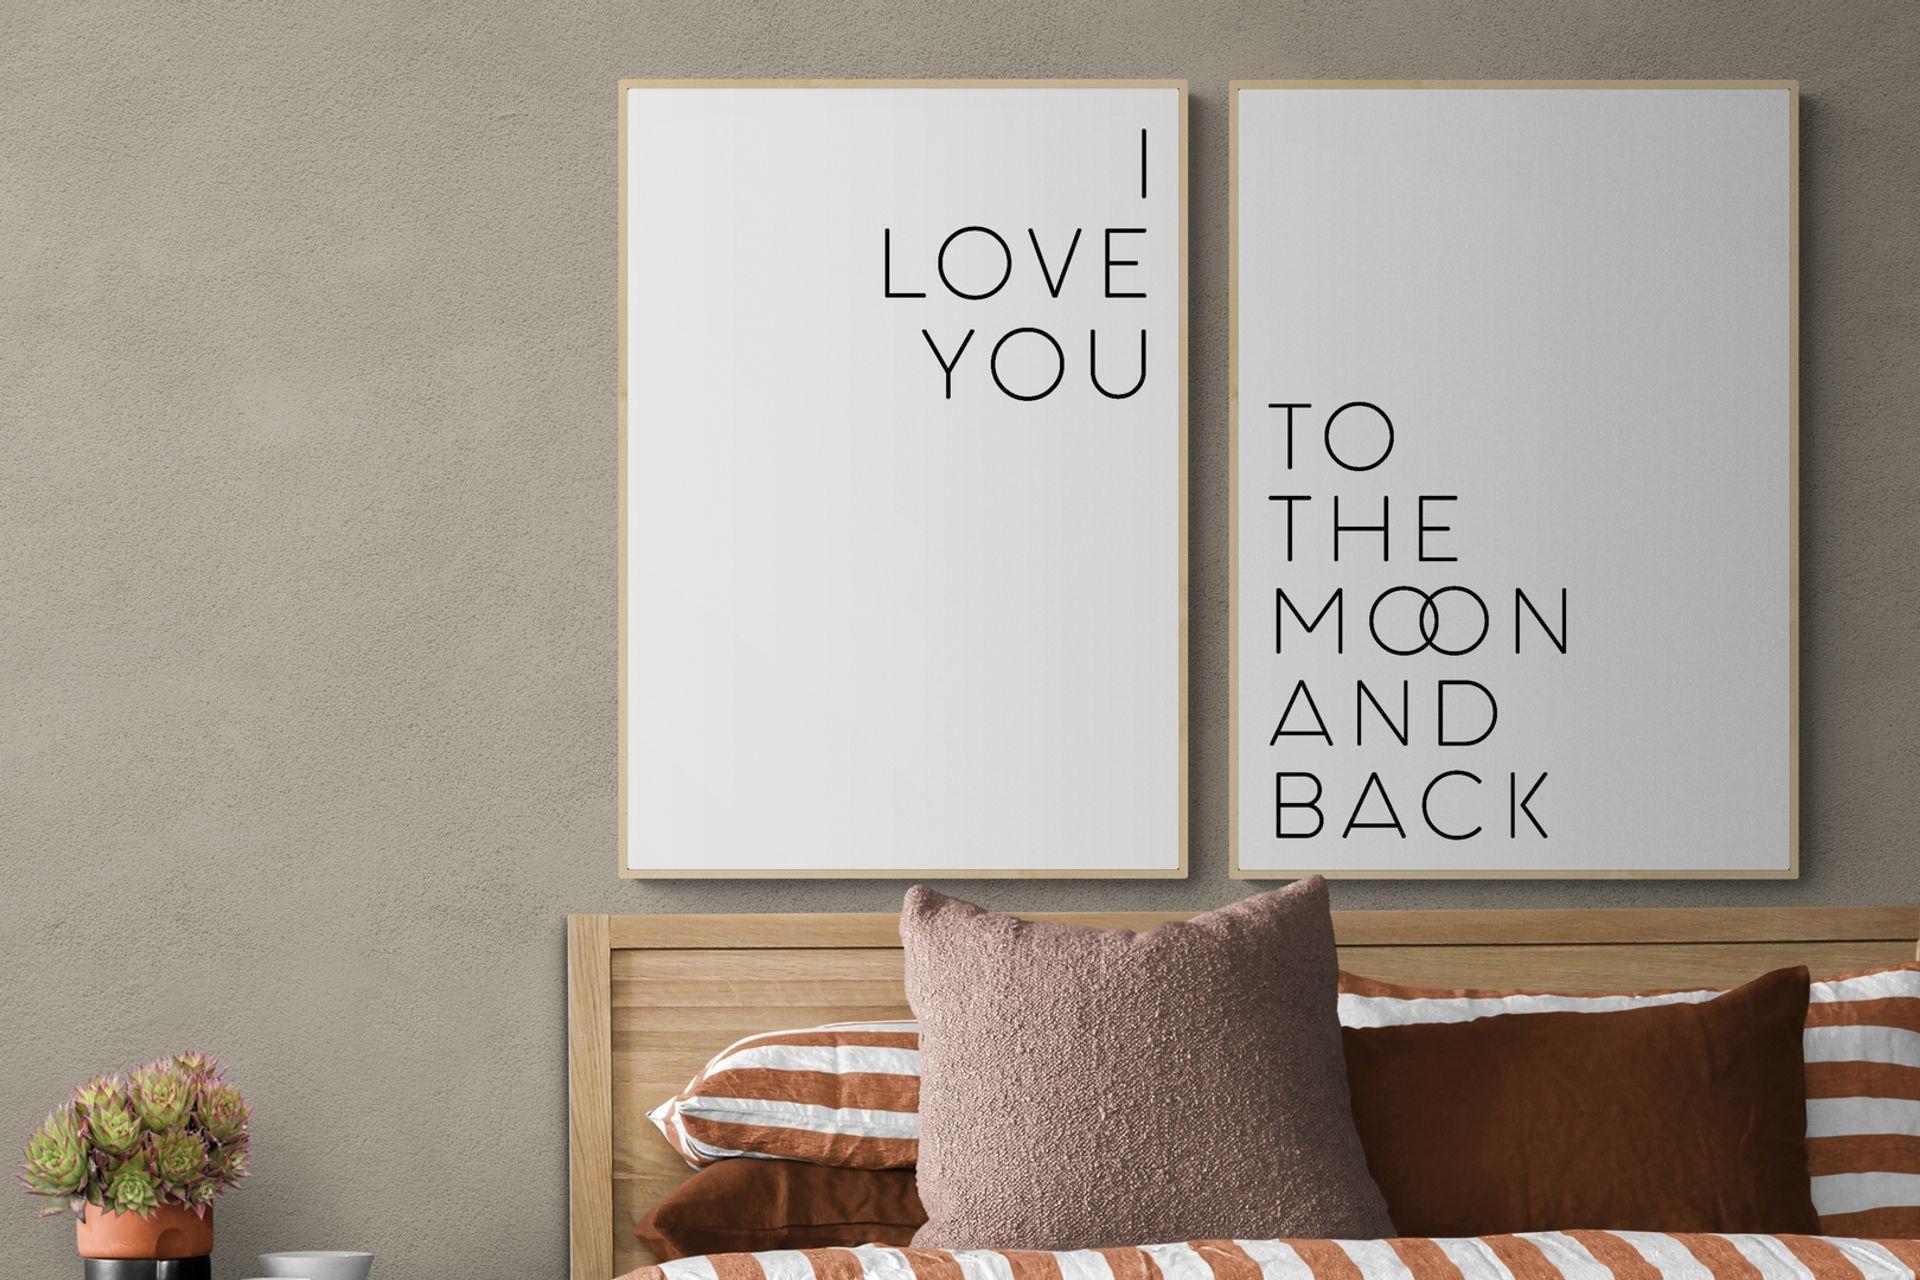 I LOVE YOU MOON THE BACK  NATURAL ÇERÇEVE TABLO SETİ 50x70